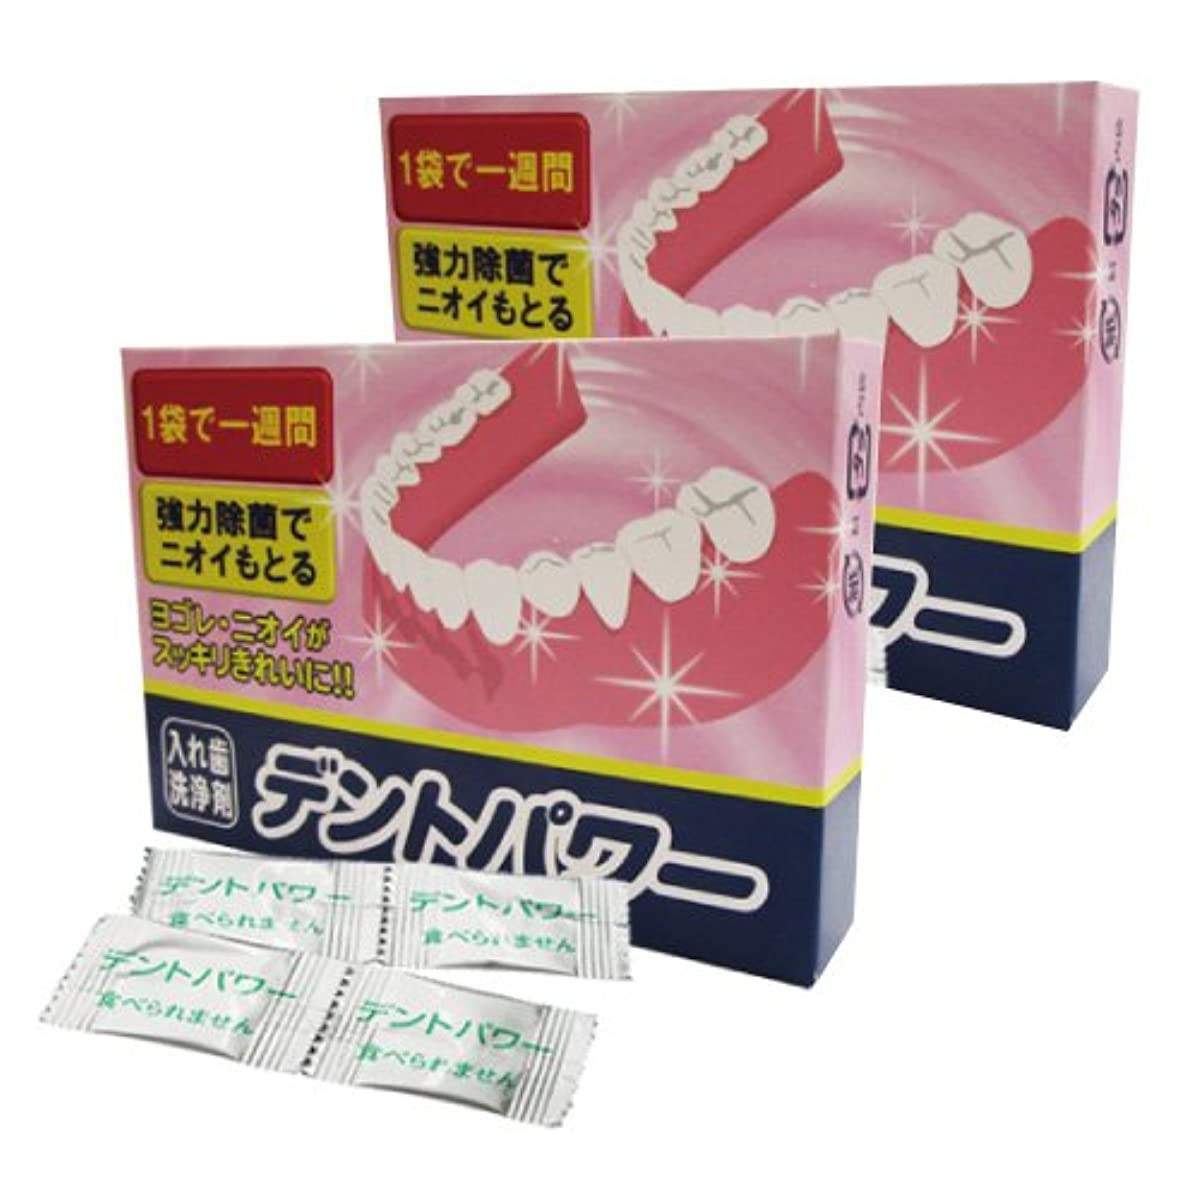 麻酔薬満了上へデントパワー 入れ歯洗浄剤 5ヵ月用x2個セット